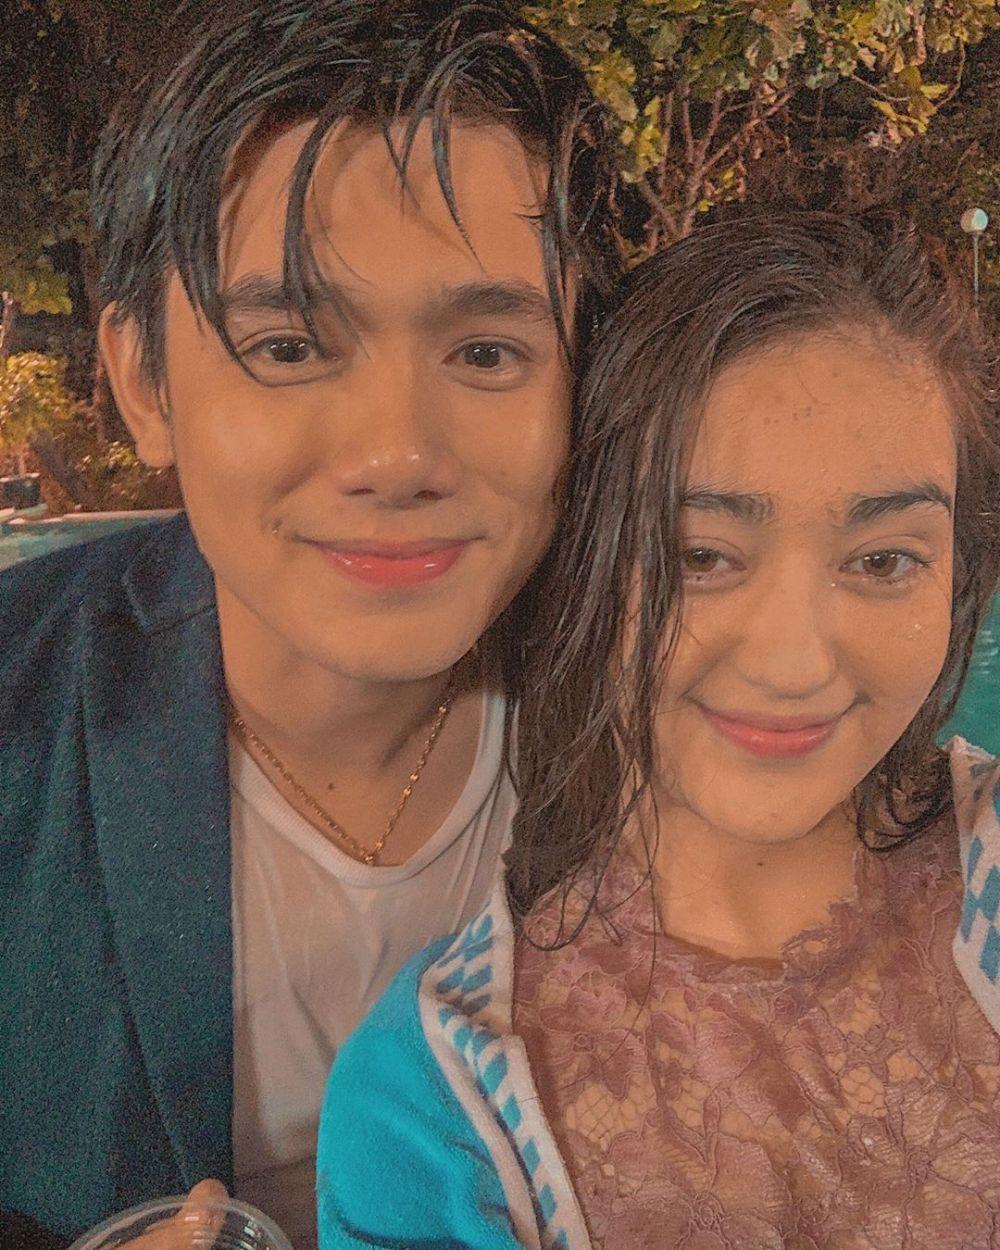 Pasangan sinetron di luar syuting © 2019 brilio.net